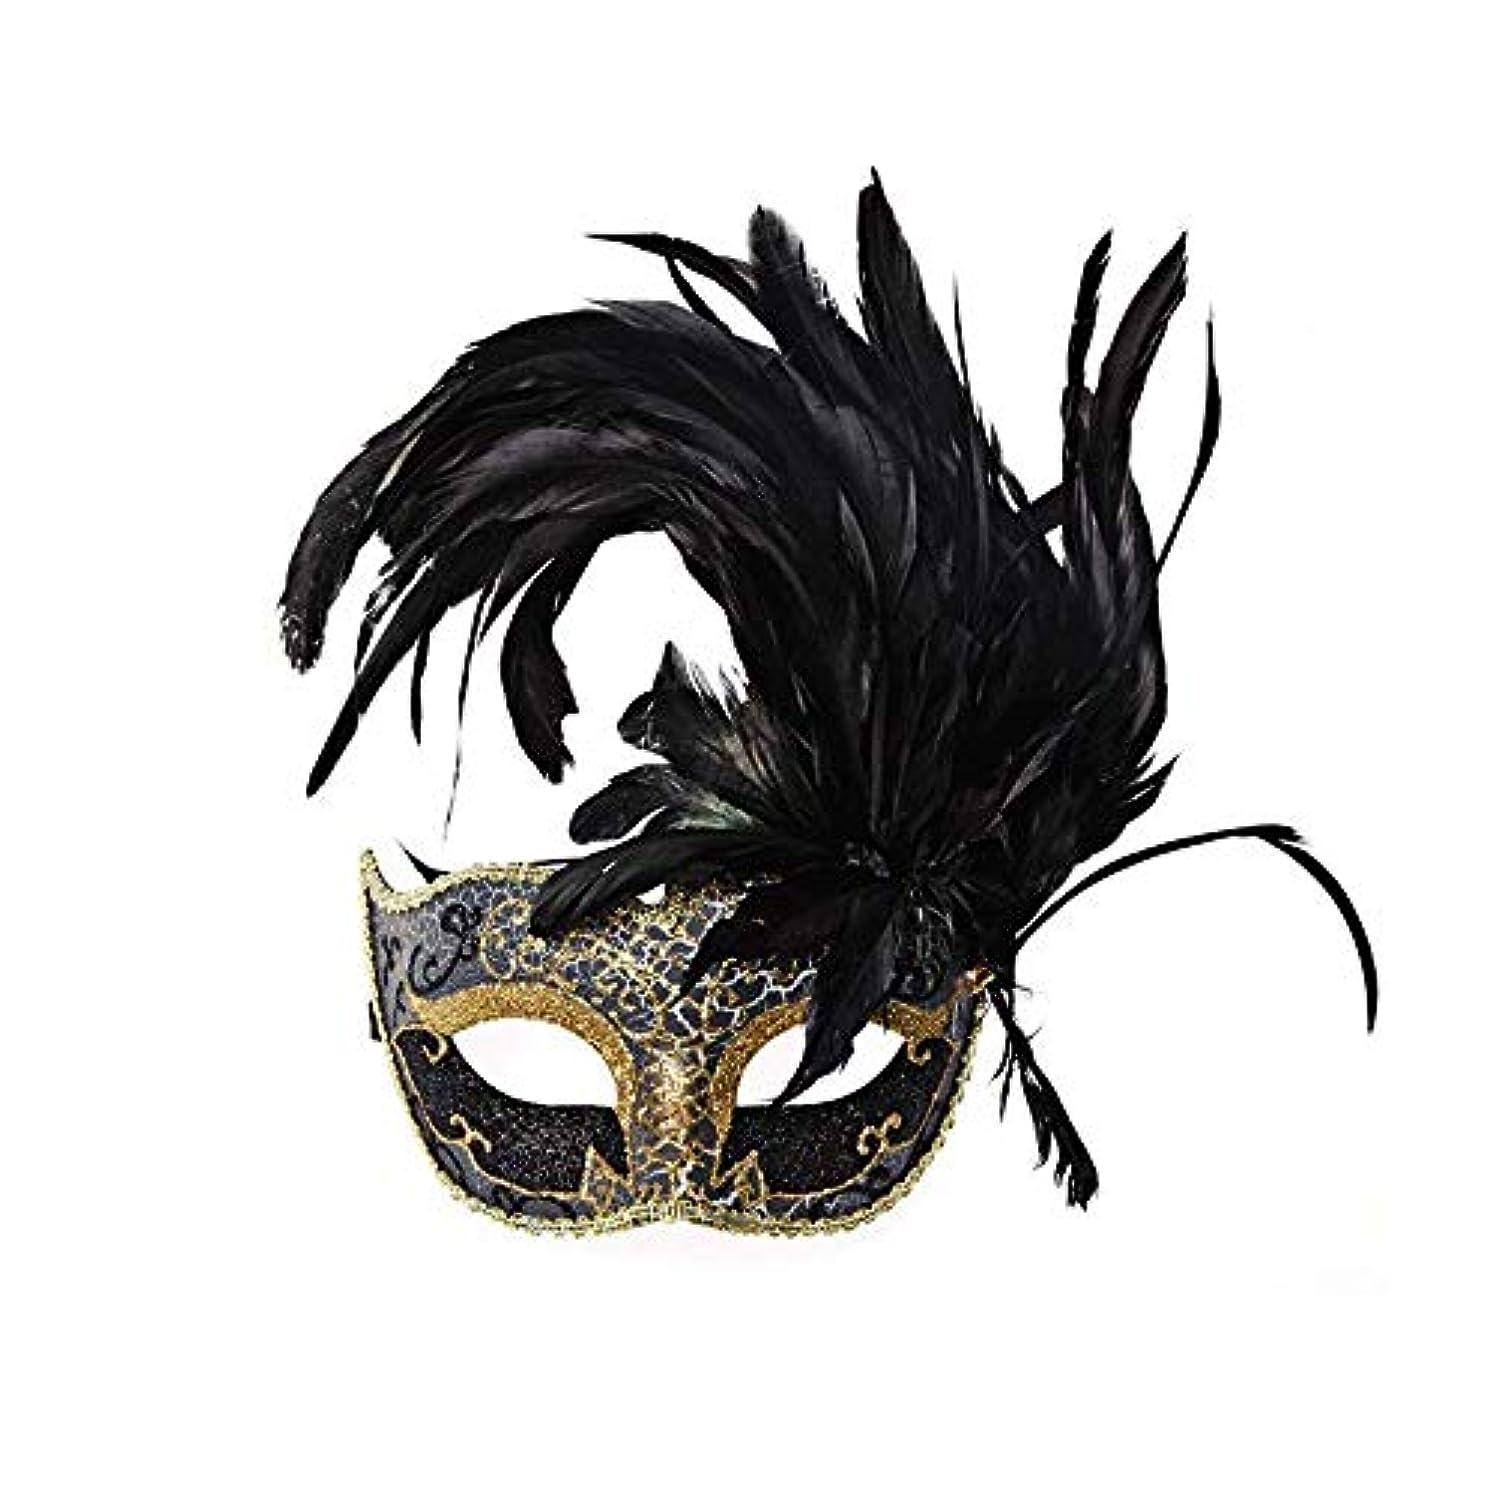 風景アーサーコナンドイル有益なNanle ハロウィンマスクハーフフェザーマスクベニスプリンセスマスク美容レース仮面ライダーコスプレ (色 : Style A black)